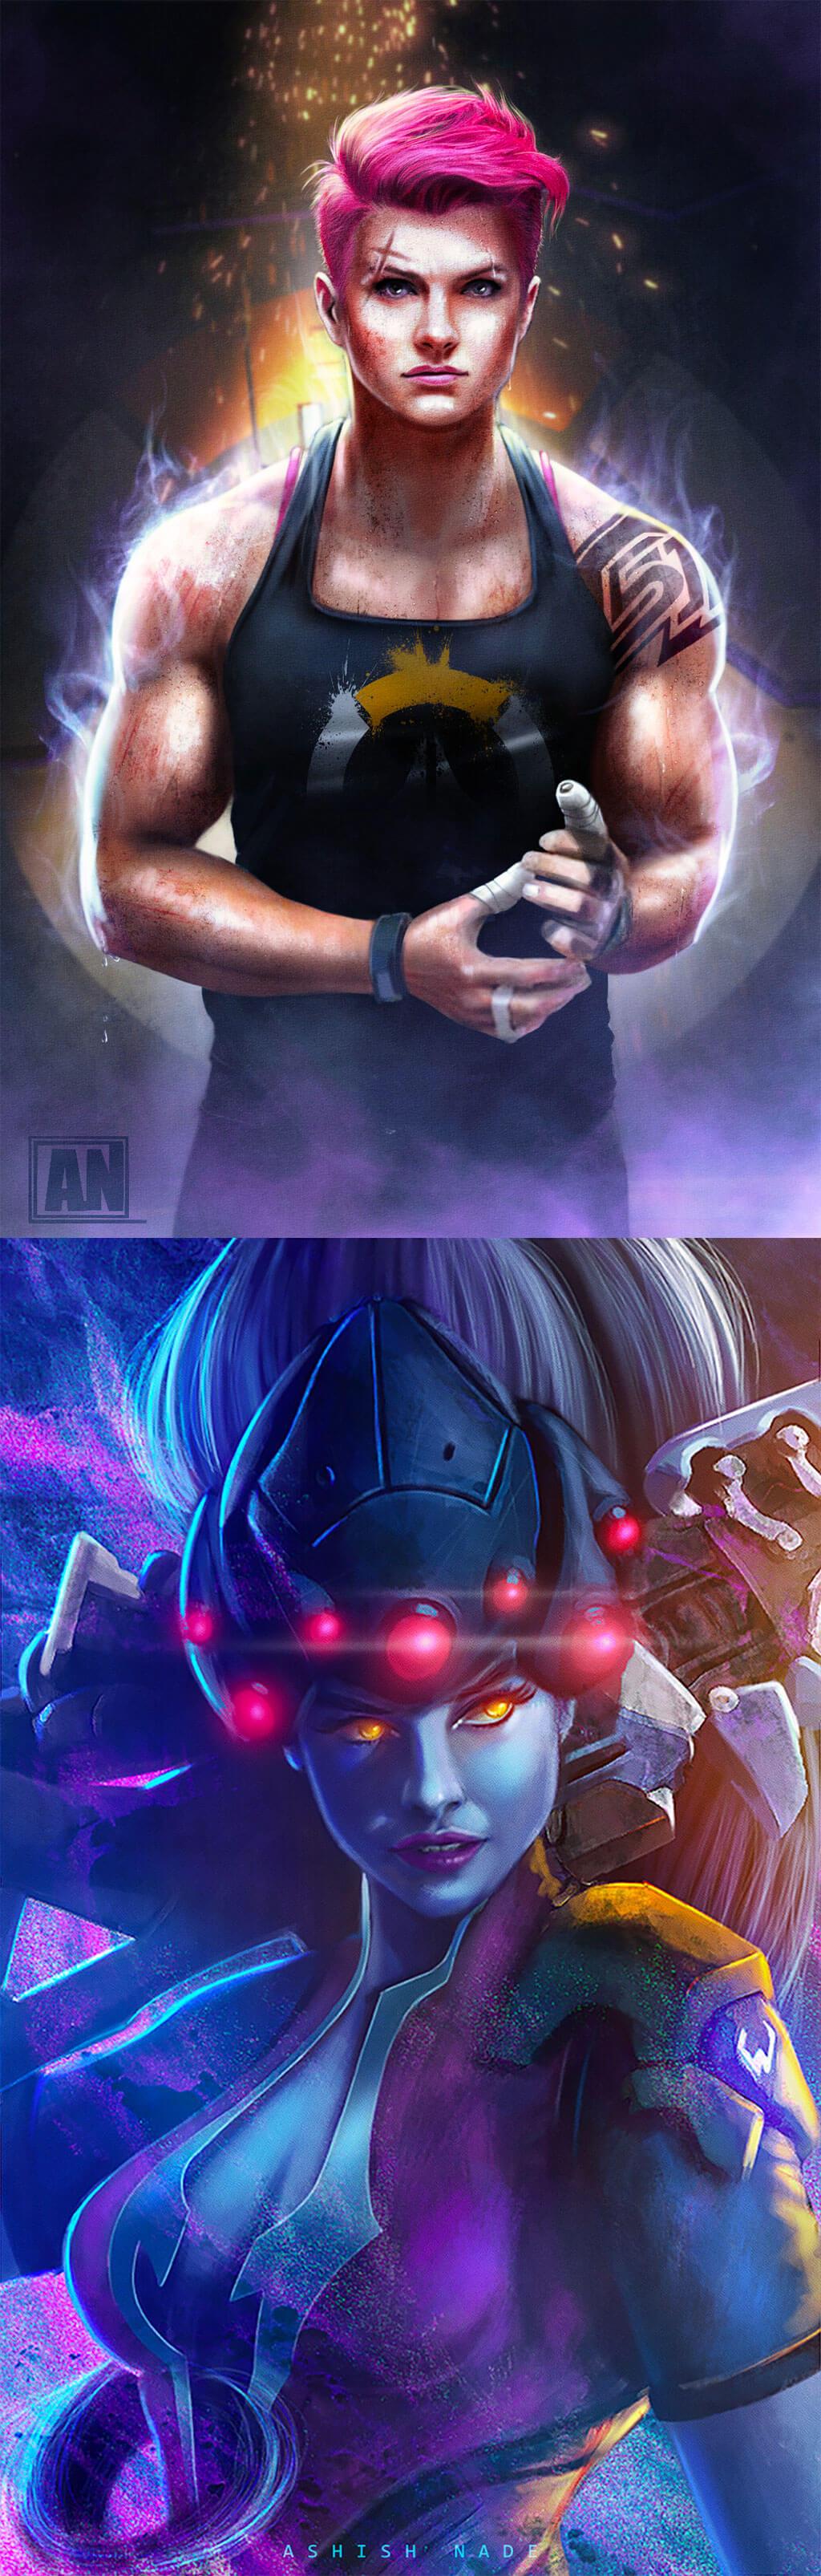 Overwatch Fan Art by Ashish Nade